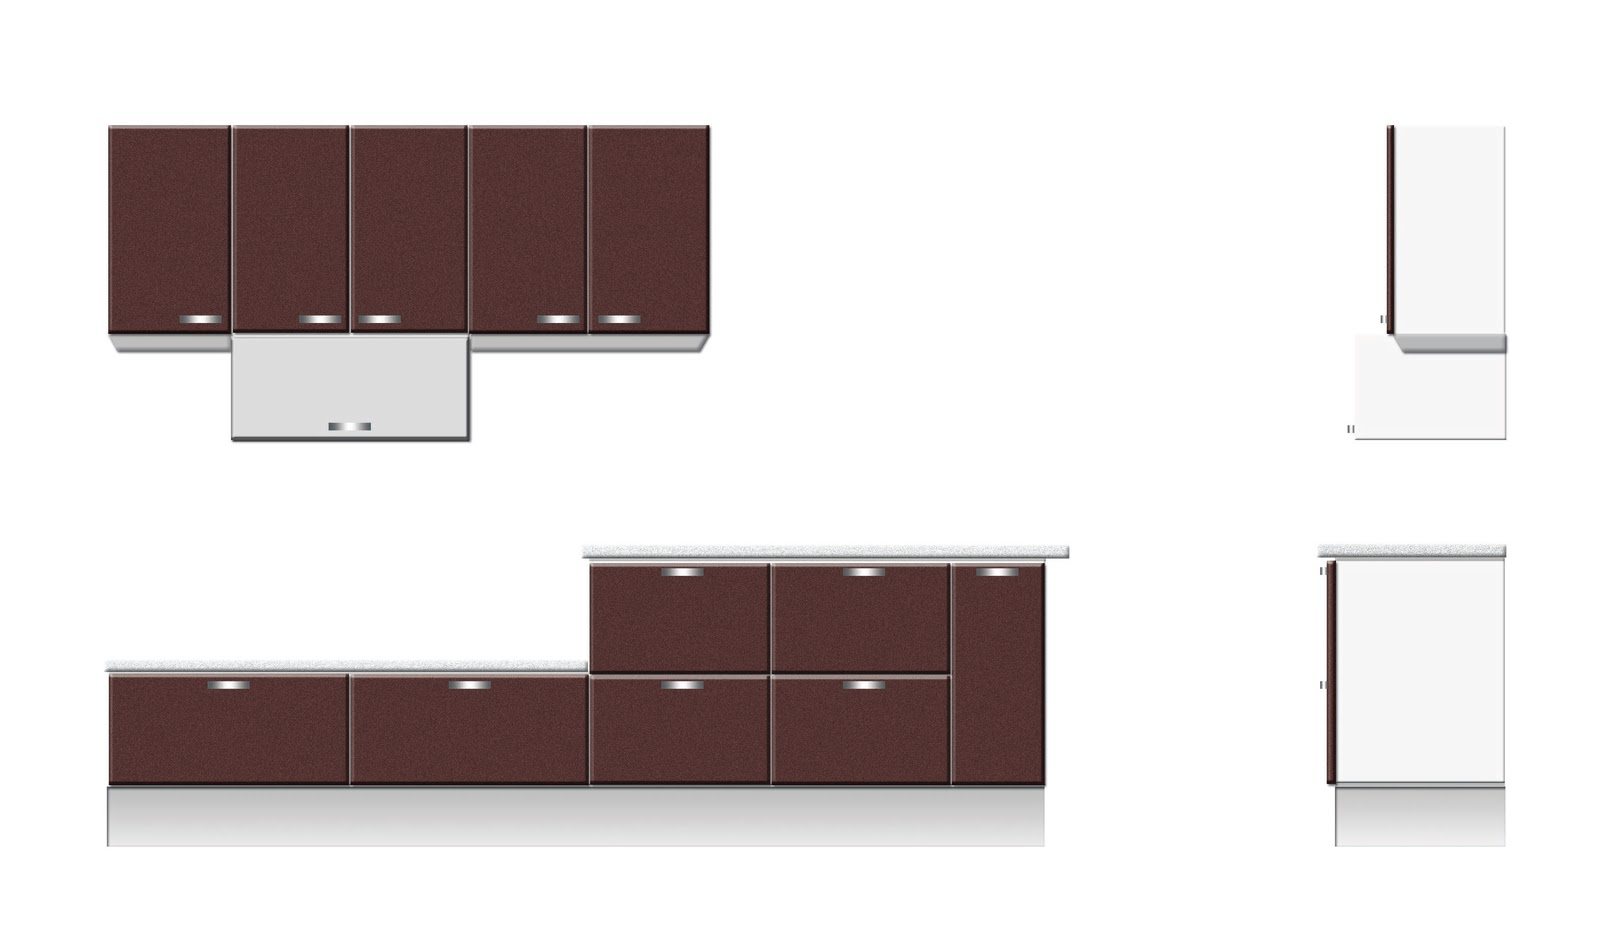 Imagens de #503130 projeto armário cozinha photoshop elevação projeto armário cozinha  1600x932 px 3336 Blocos Autocad Banheiro Para Deficientes